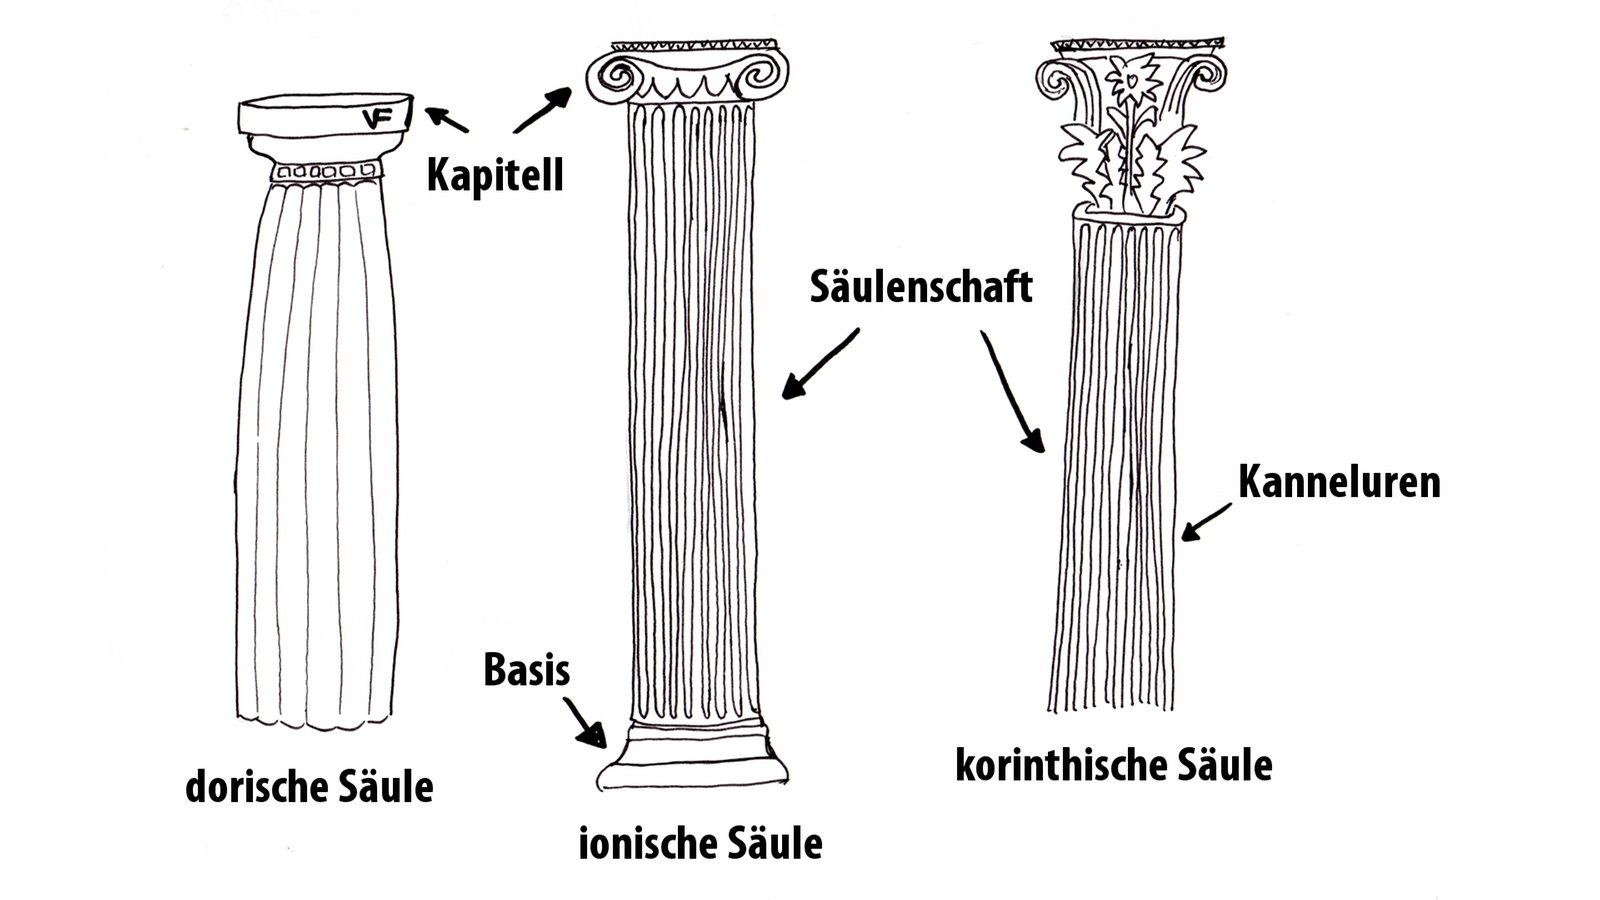 schwellung an dorischen säulen